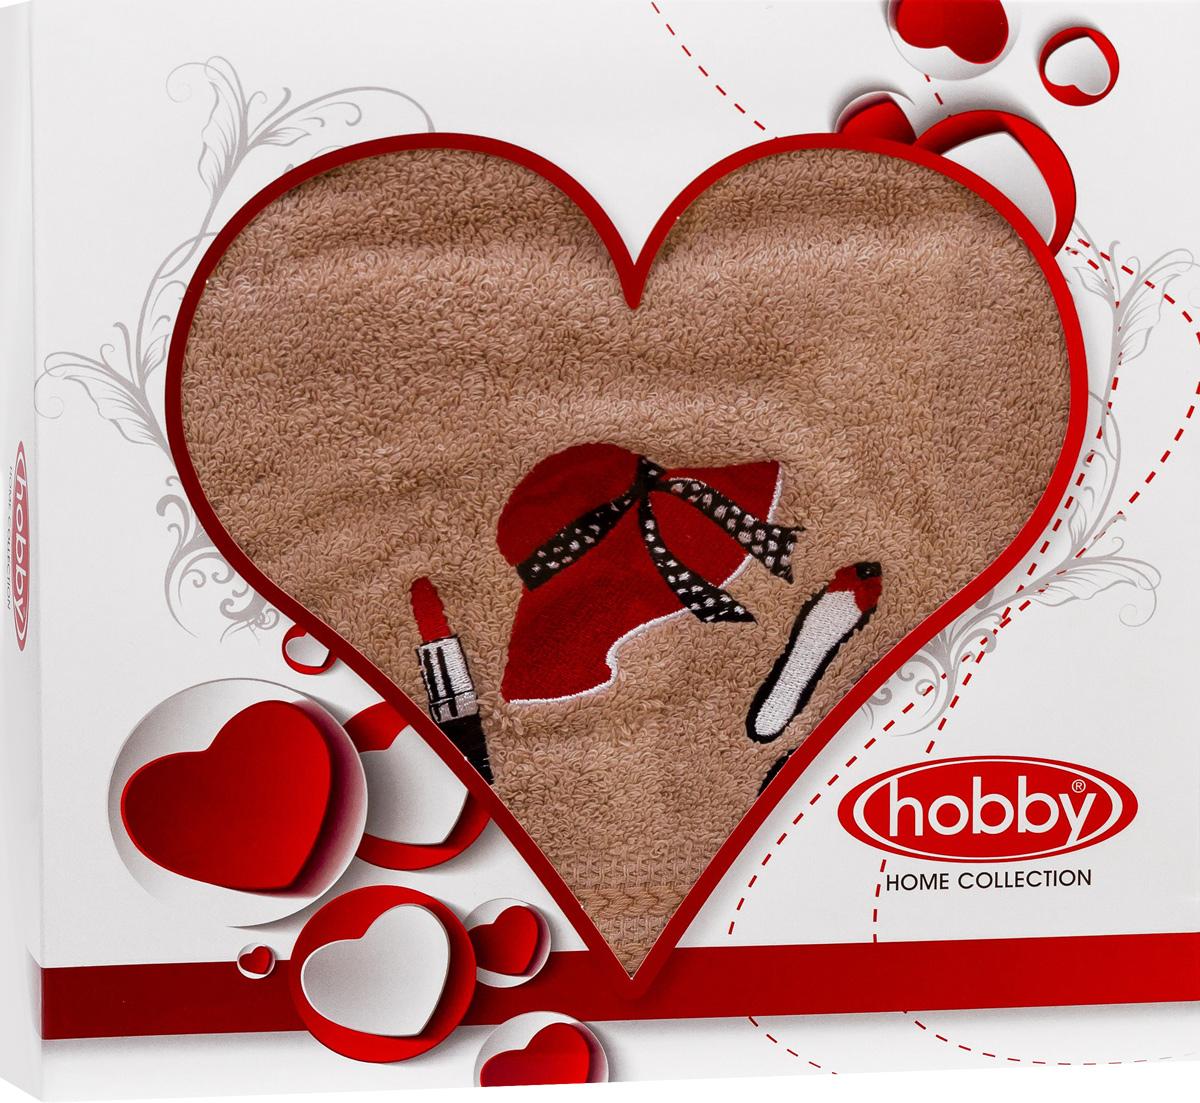 Полотенце Hobby Home Collection Love, 50 х 90 см. 150100050268/5/3Полотенце Hobby Home Collection Love выполнено из 100% хлопка. Изделие отлично впитывает влагу, быстро сохнет, сохраняет яркость цвета и не теряет форму даже после многократных стирок. Такое полотенце очень практично и неприхотливо в уходе. А простой, но стильный дизайн полотенца позволит ему вписаться даже в классический интерьер ванной комнаты.